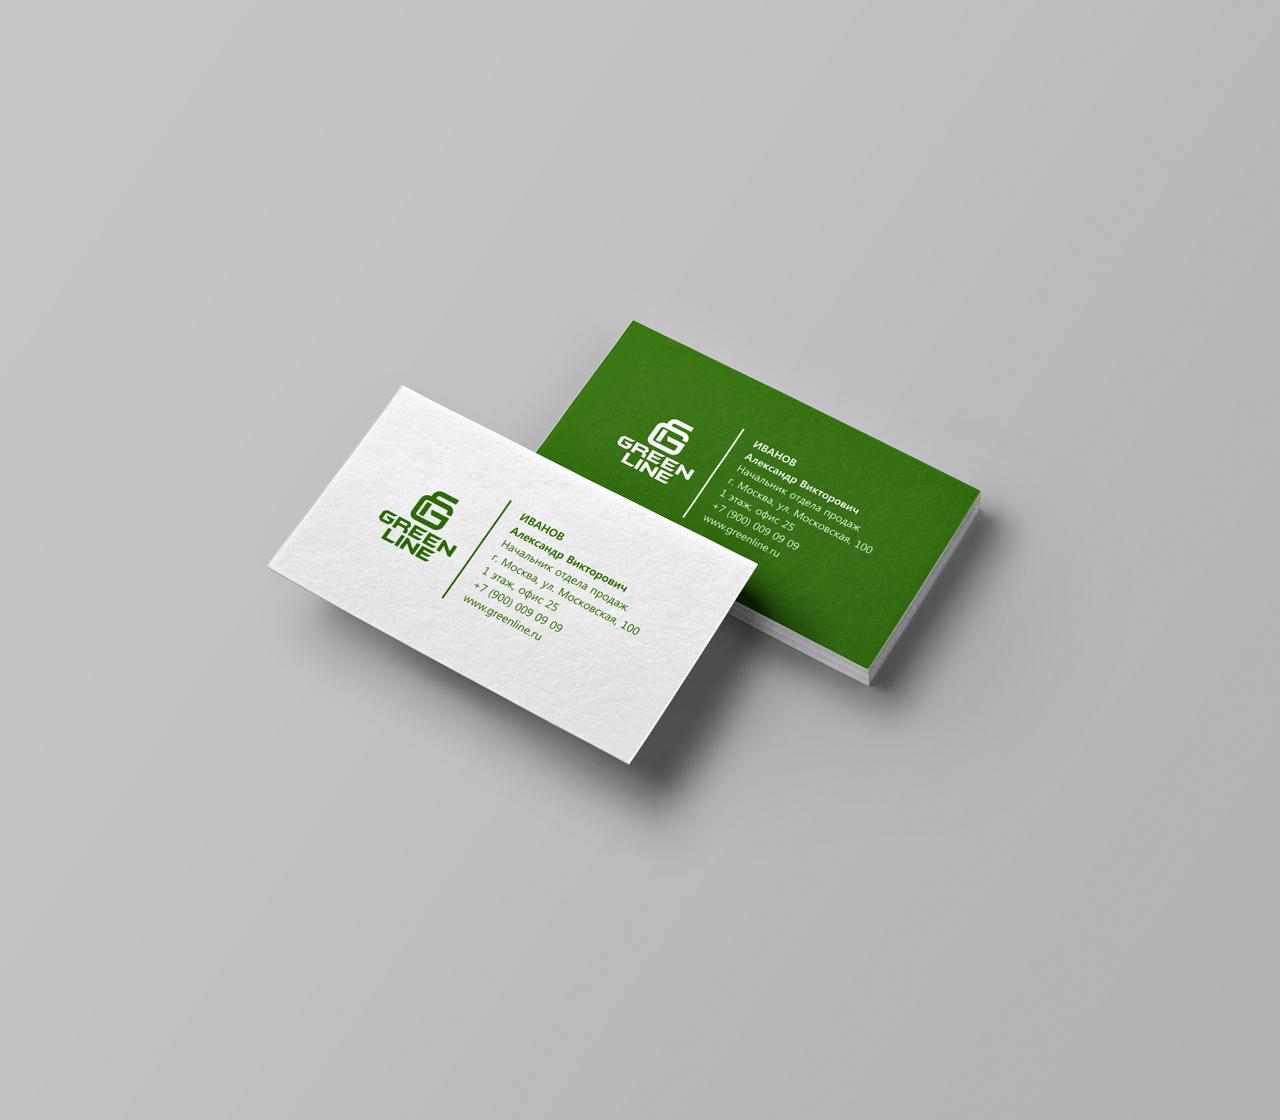 """Разработка Логотипа и фирменного стиля ООО """"Грин лайн"""" фото f_4365db74402914fd.jpg"""